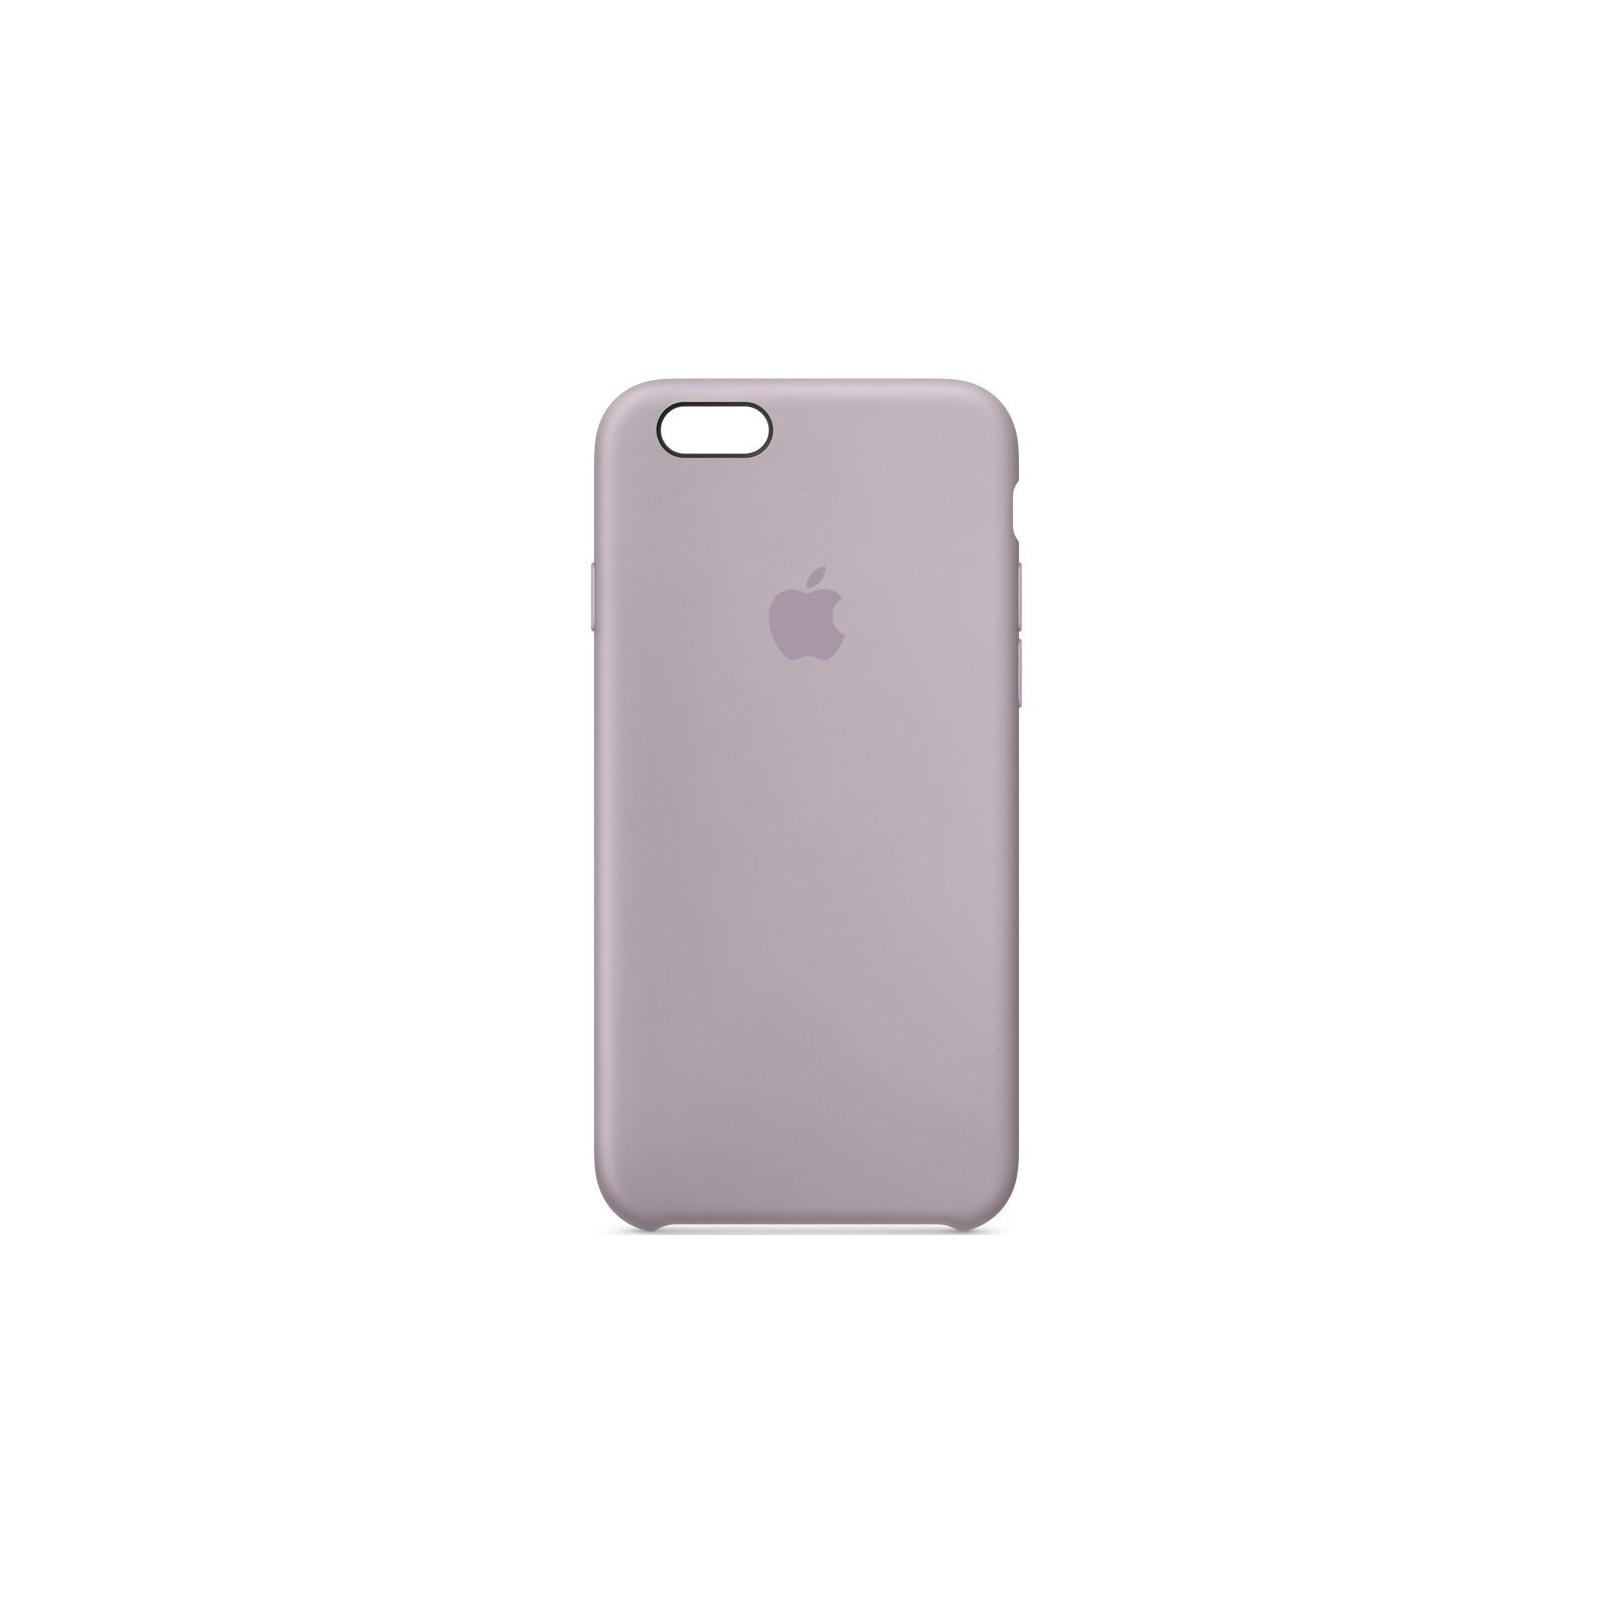 Чехол для моб. телефона Apple для iPhone 6/6s Lavender (MLCV2ZM/A)